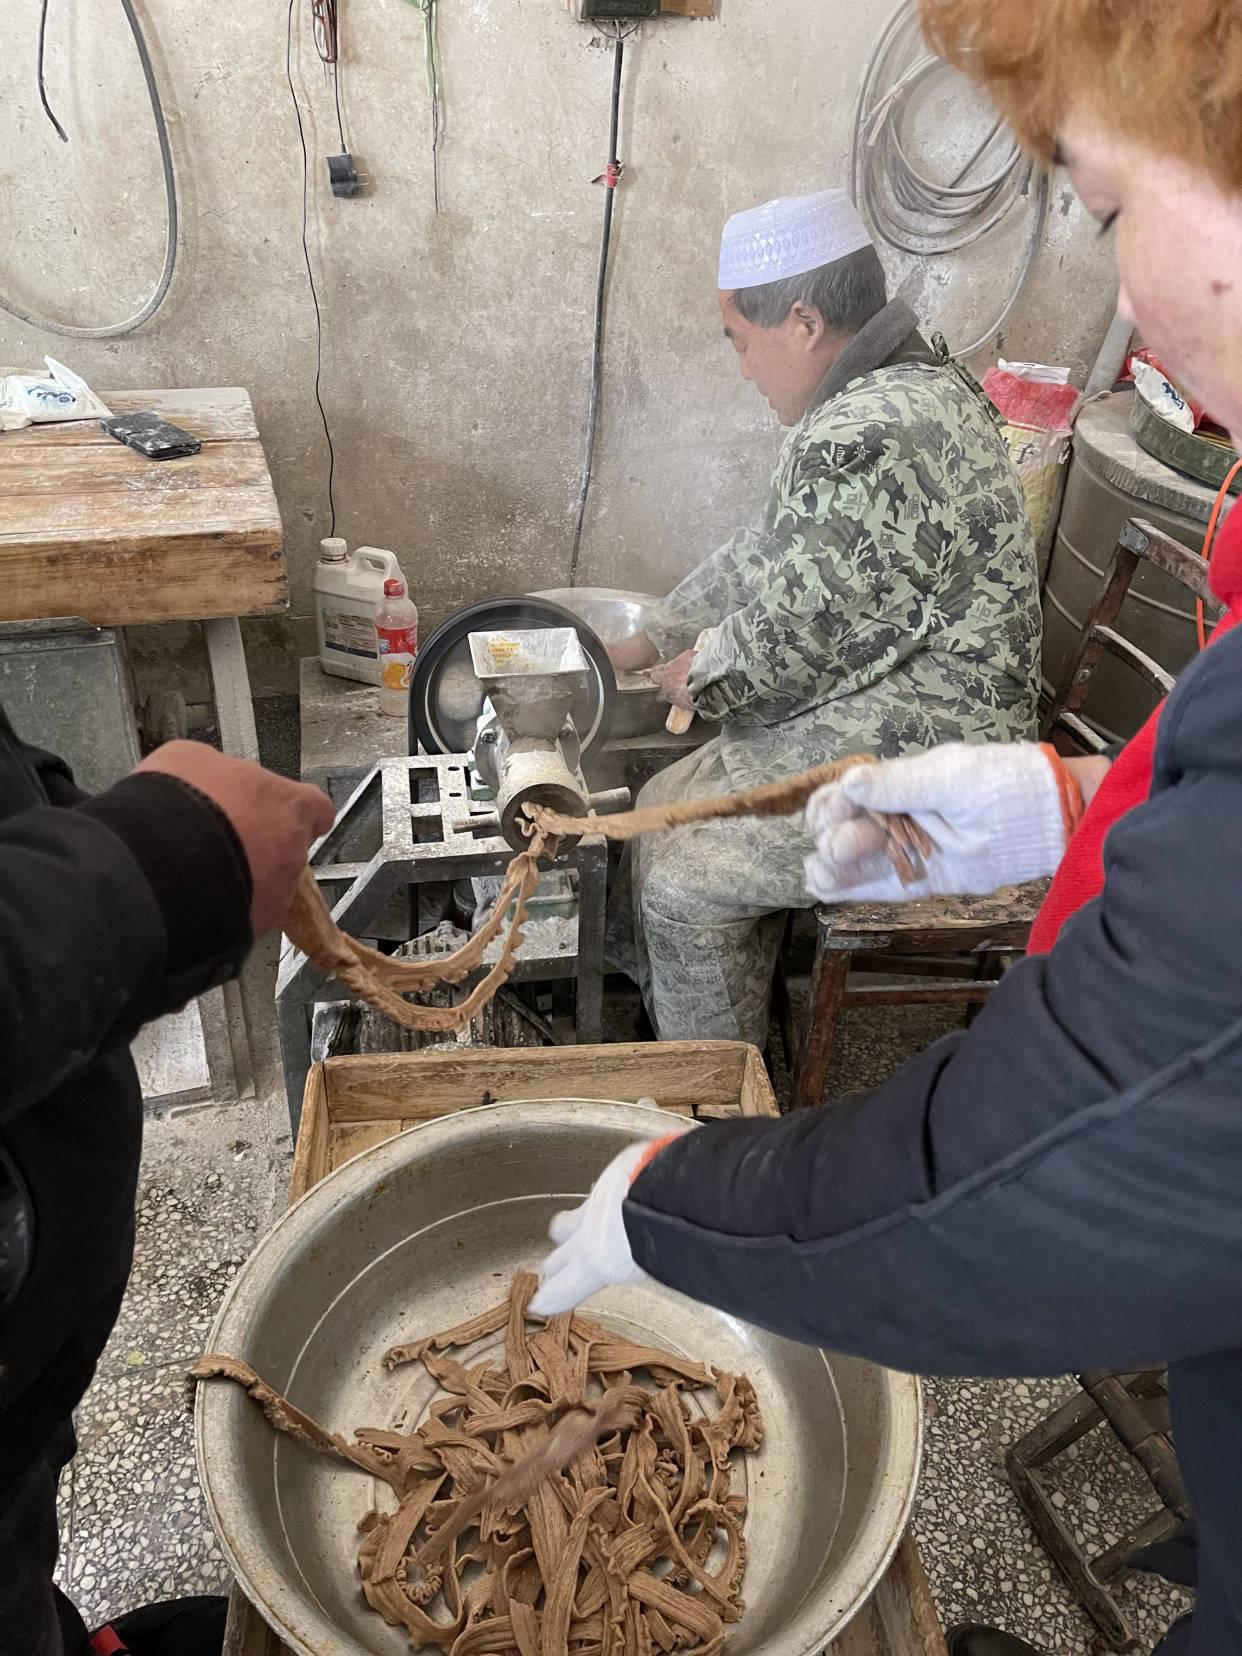 临颍:直击农村人造肉加工现场,便宜还解馋,一出锅就被抢光